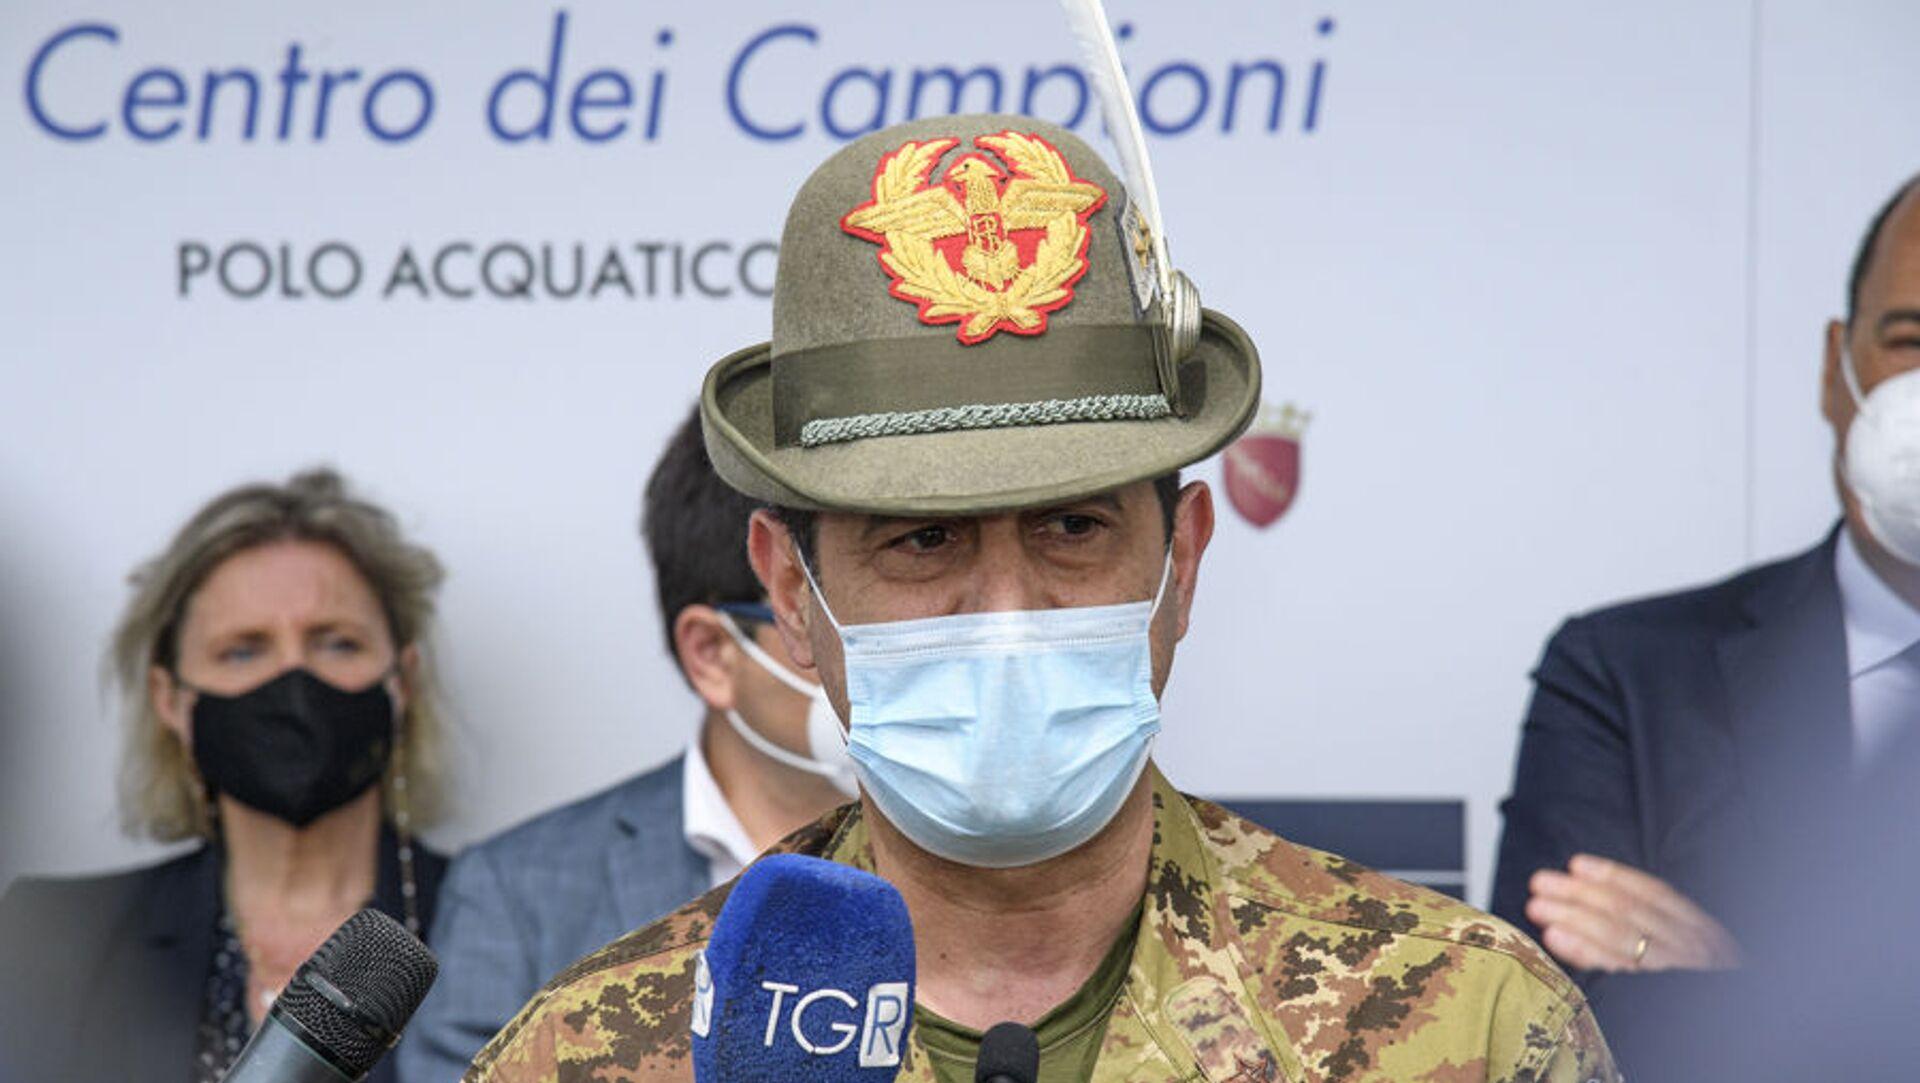 Apertura Hub Vaccinale Regione Lazio presso il Centro Federale FIN - Polo Acquatico Frecciarossa Ostia (RM) 3 maggio 2021 03/05/2021F - Sputnik Italia, 1920, 03.05.2021